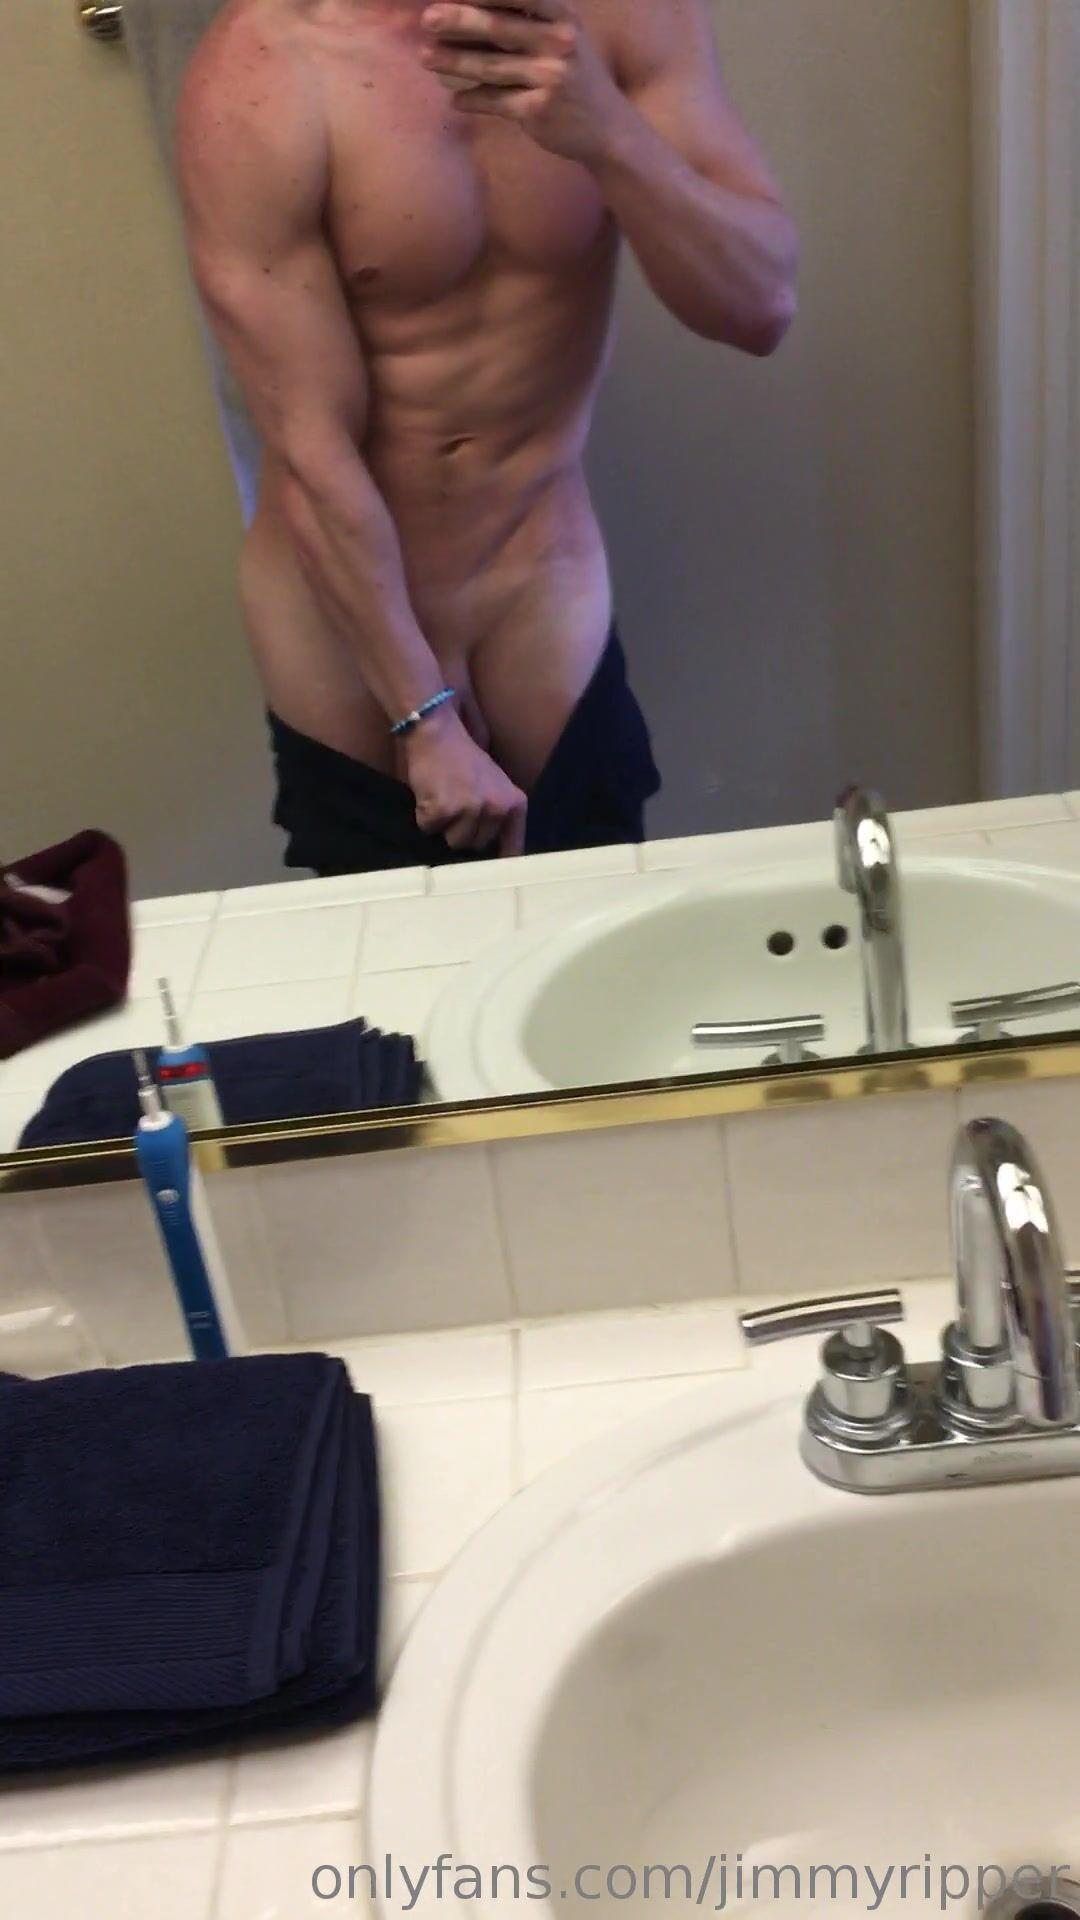 jimmyripper free porn videos (44)